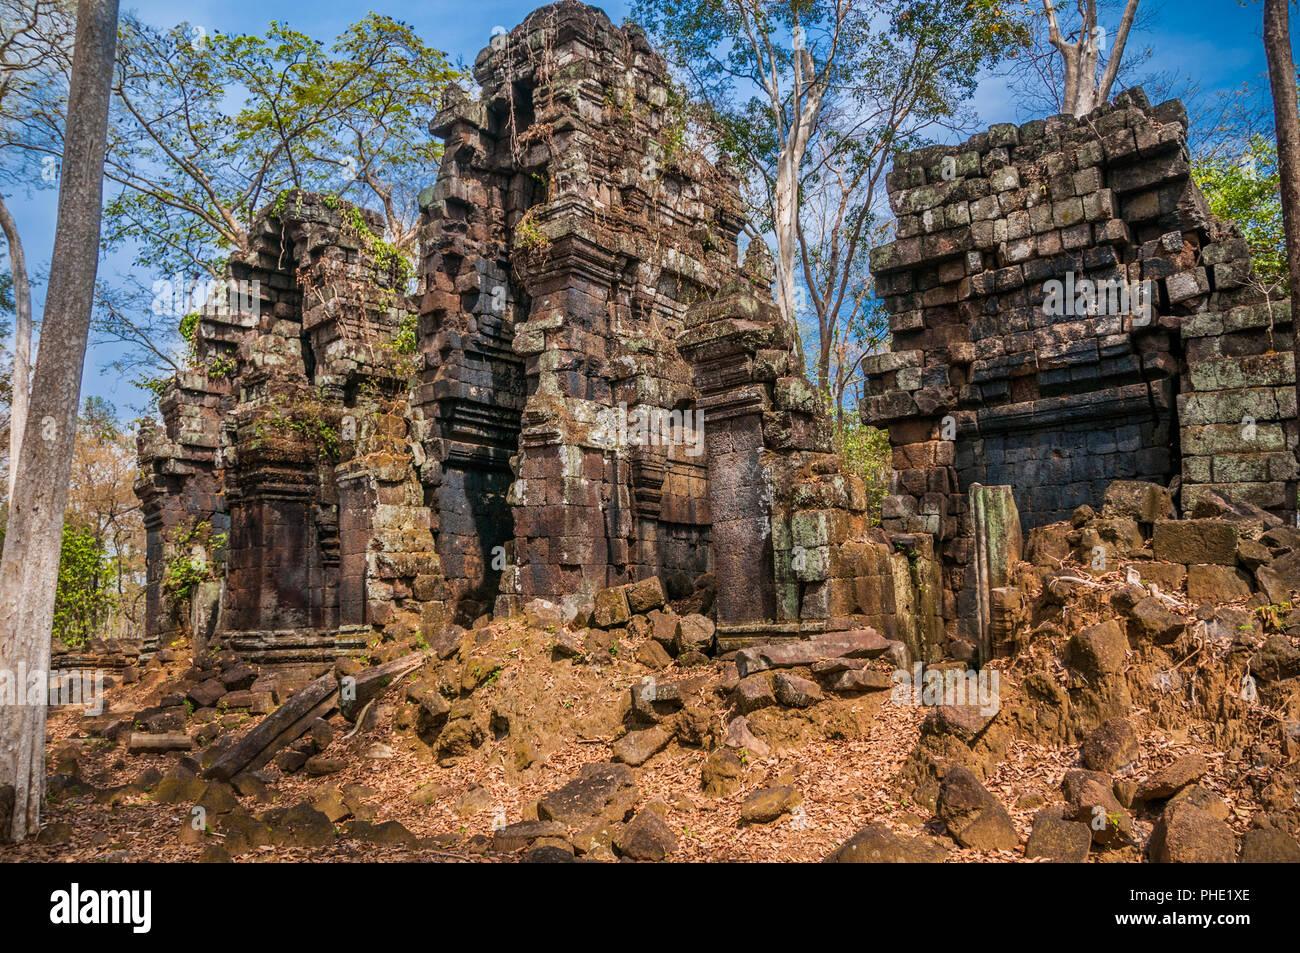 Prasat Chrap in the Koh Ker complex, Cambodia. - Stock Image